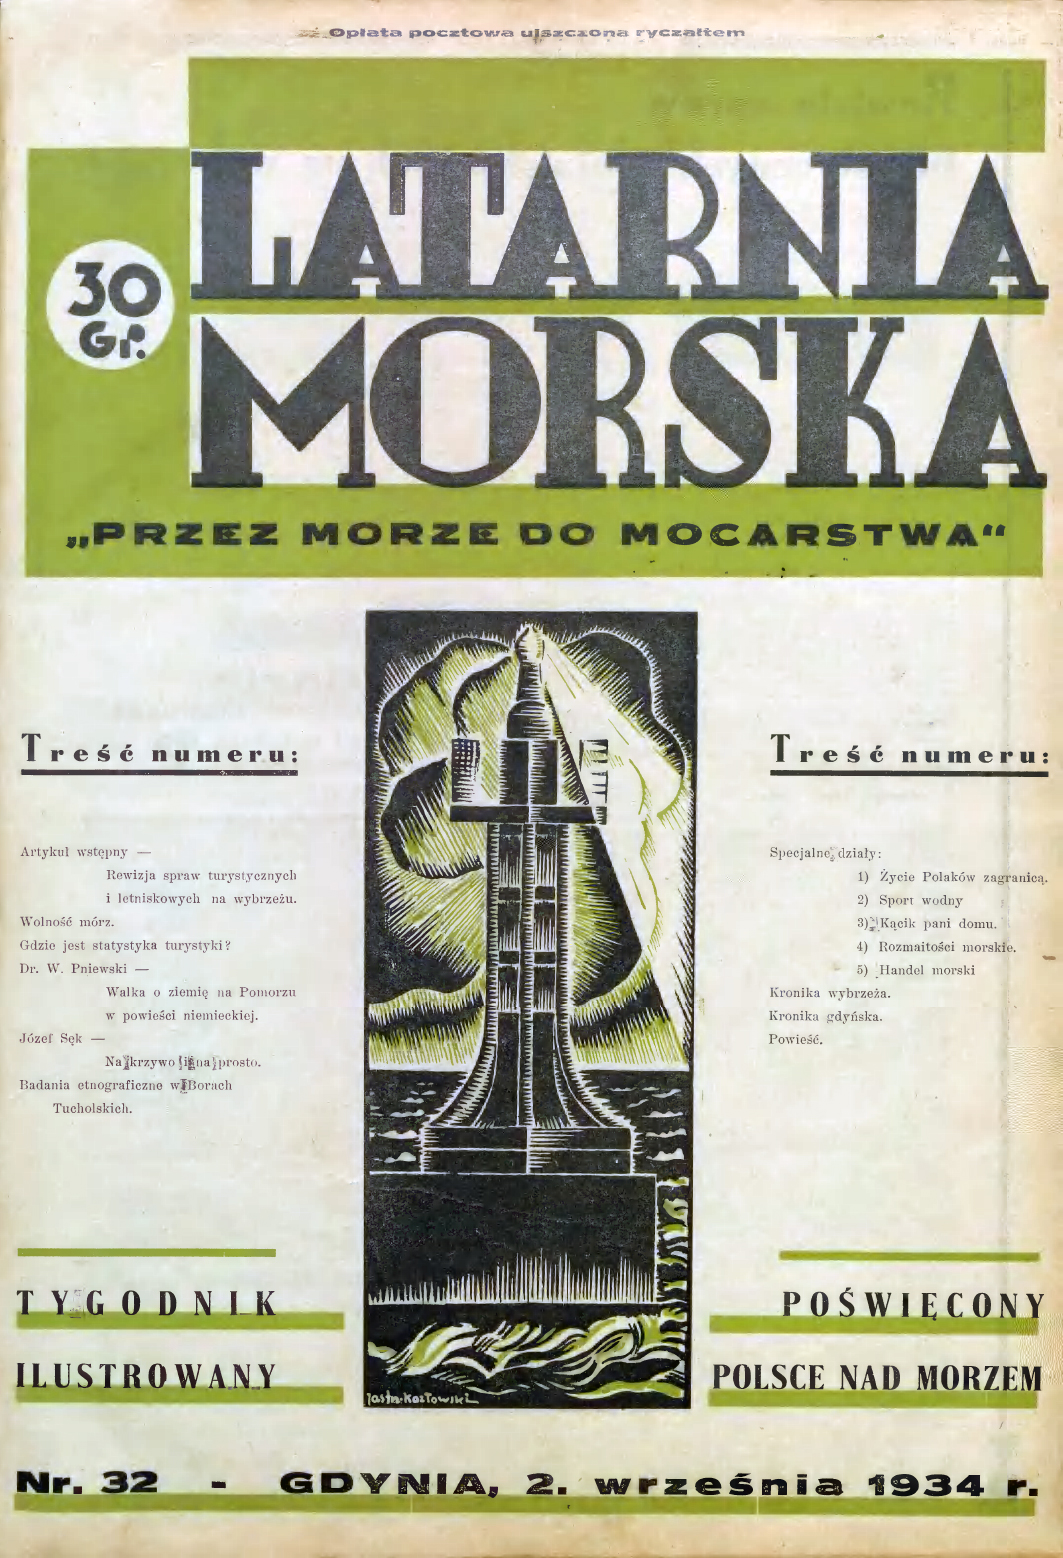 Latarnia Morska: tygodnik ilustrowany poświęcony Polsce nad morzem. – Gdynia : Balto Polak – Zakłady Graficzne i Wydawnicze, 1934, nr 32